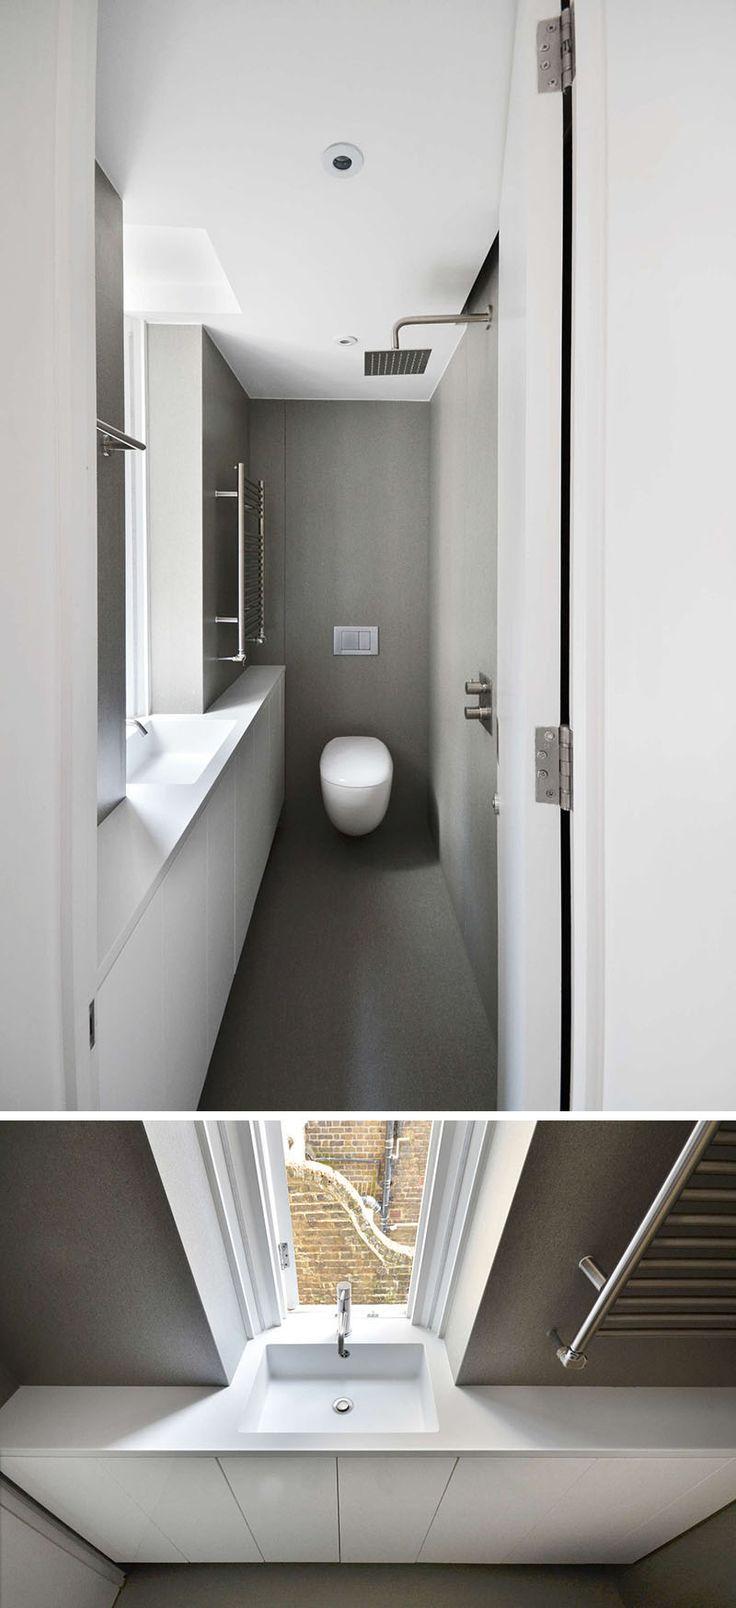 25 beste idee n over kleine zolderbadkamer op pinterest zolder badkamer zolder badkamer en - Mooie eigentijdse badkamer ...